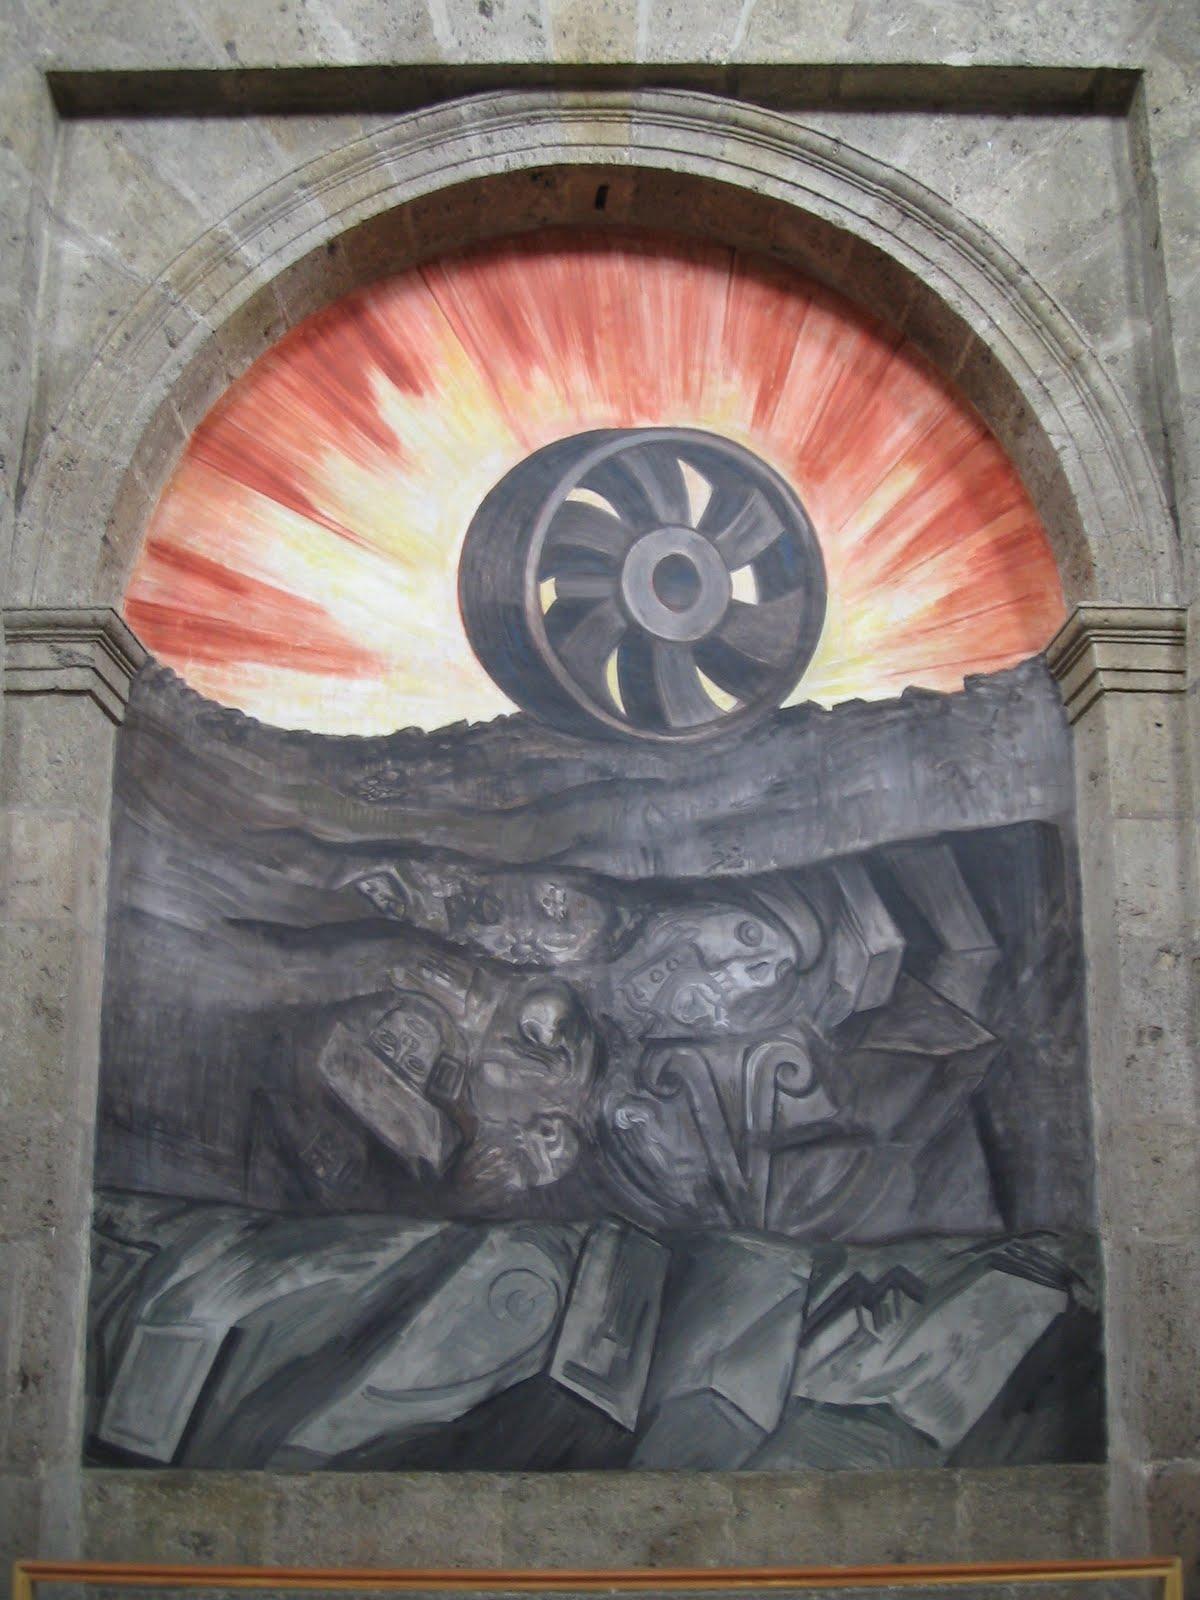 Er mundo de manu jose clemente orozco obras murales for El hombre de fuego mural de jose clemente orozco